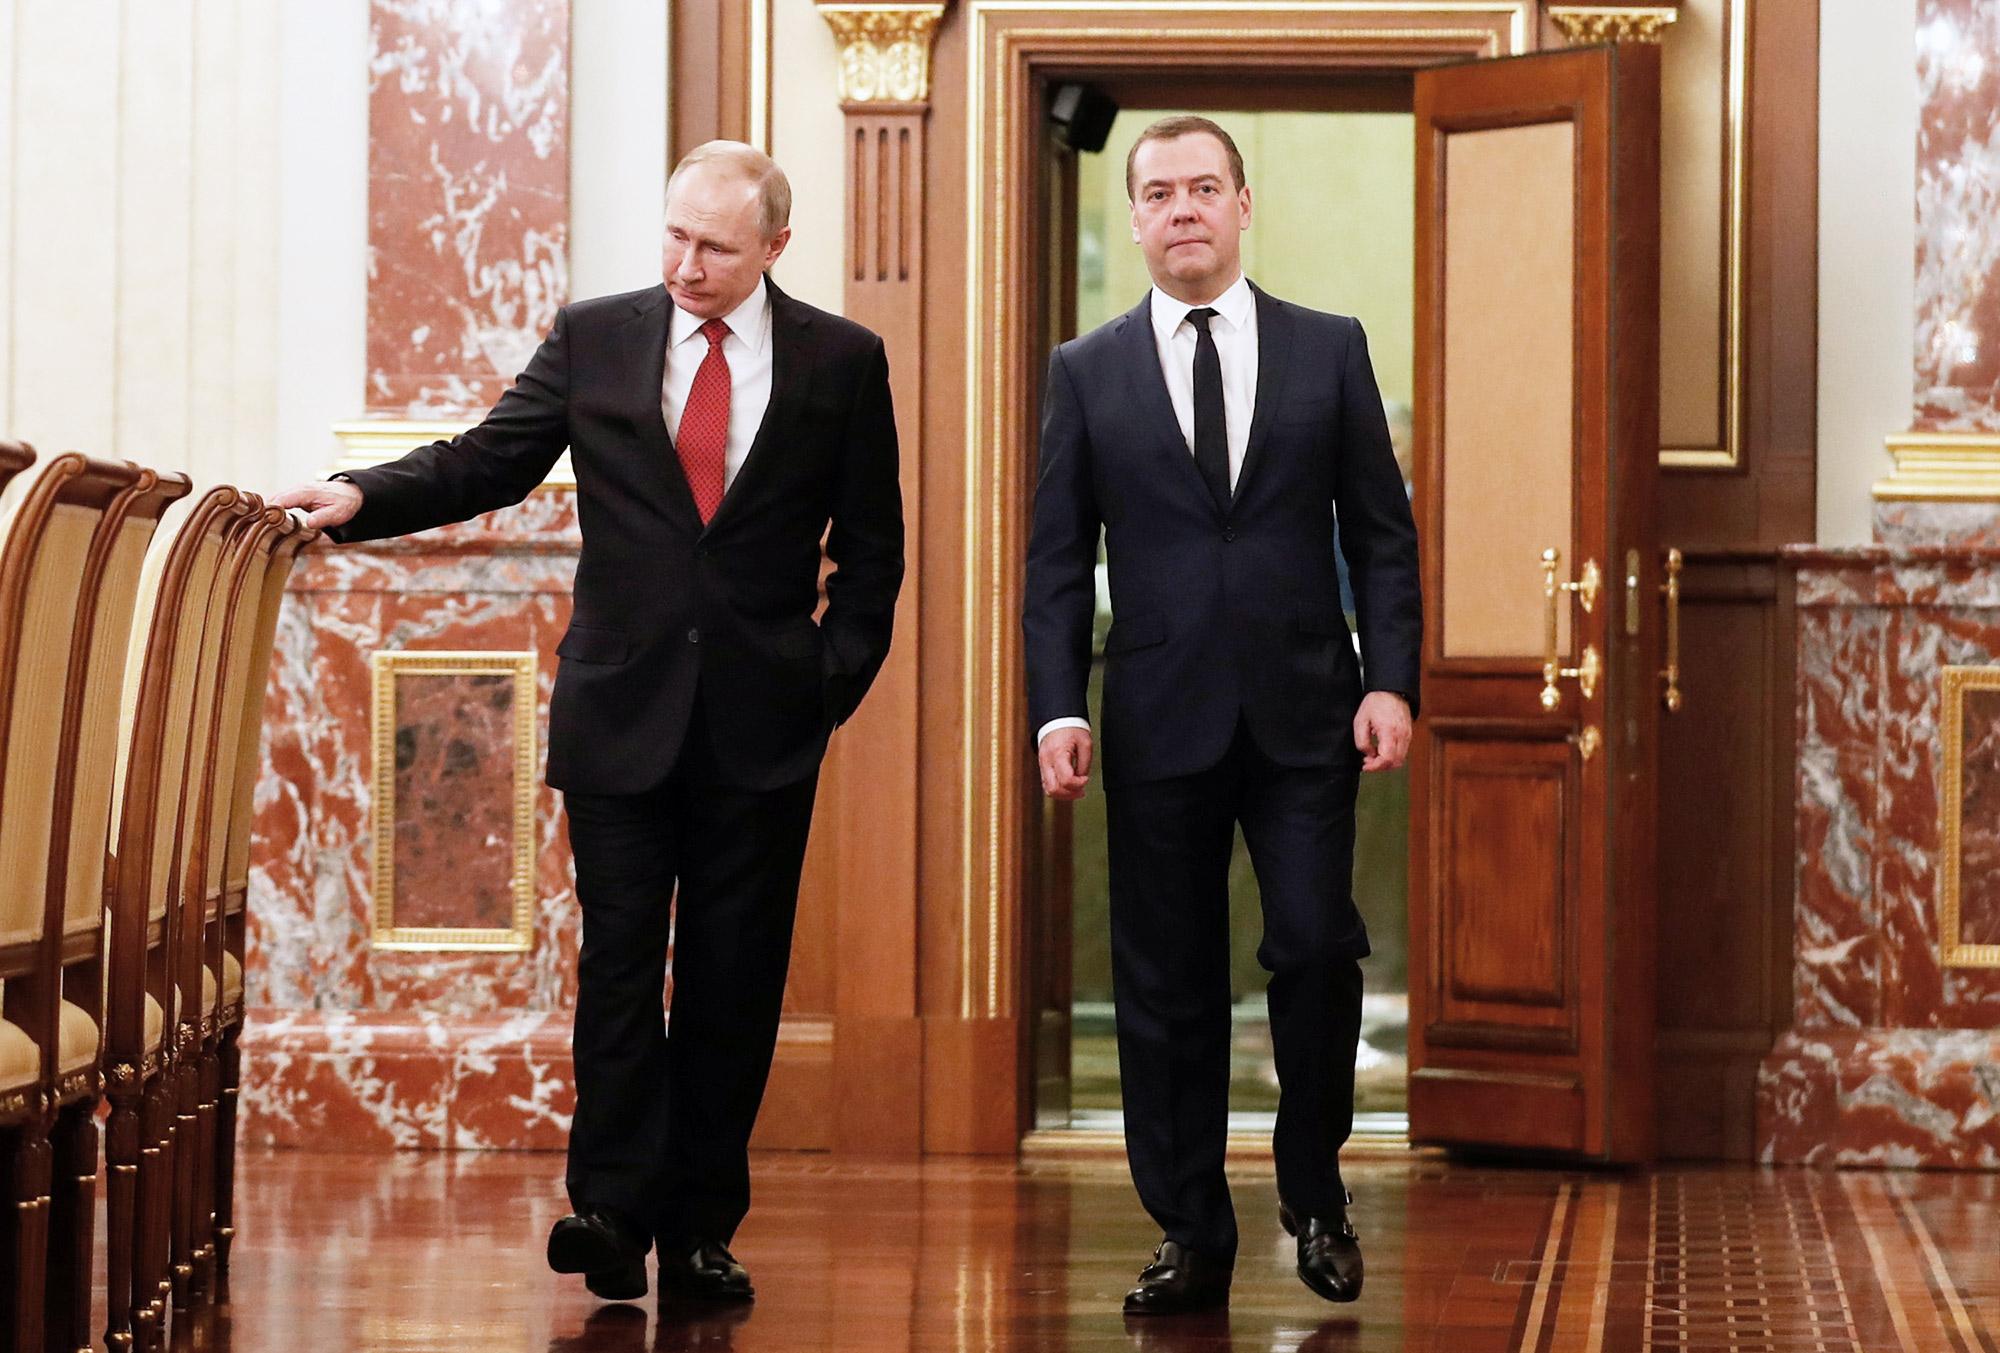 Новый госсовет: зачем он нужен путину? - bbc news русская служба